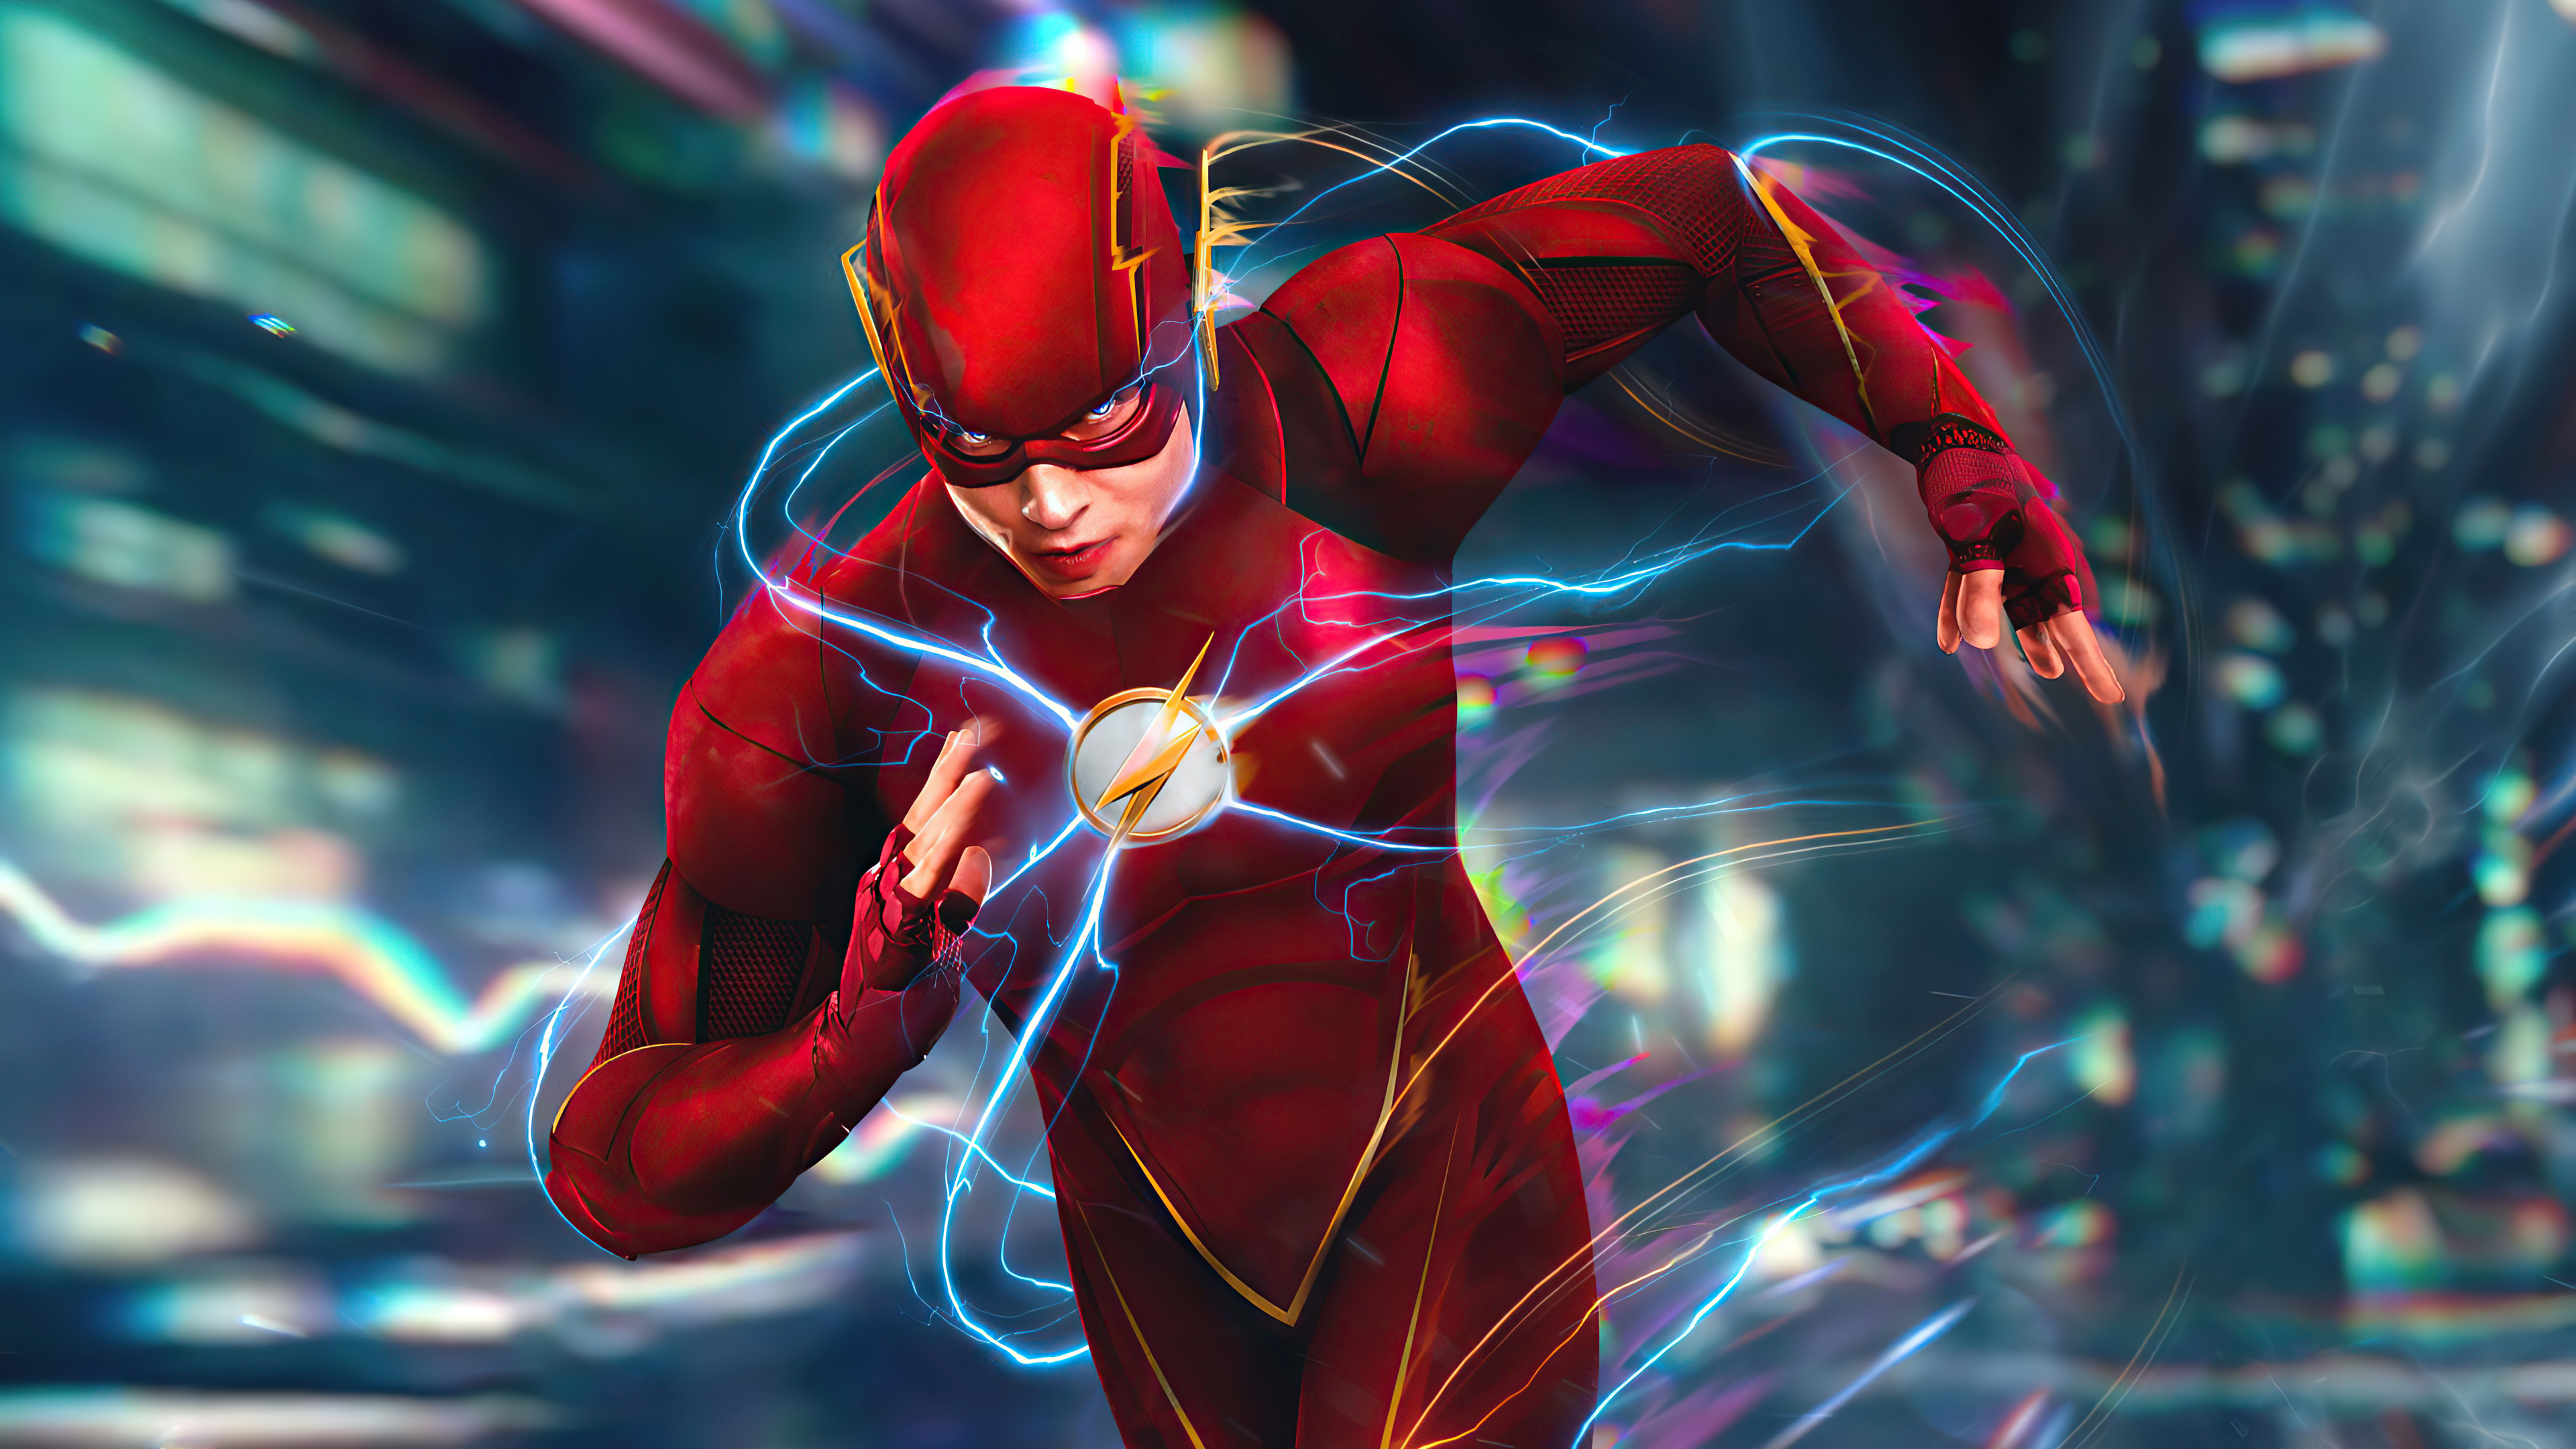 Fondos de pantalla Flash corriendo